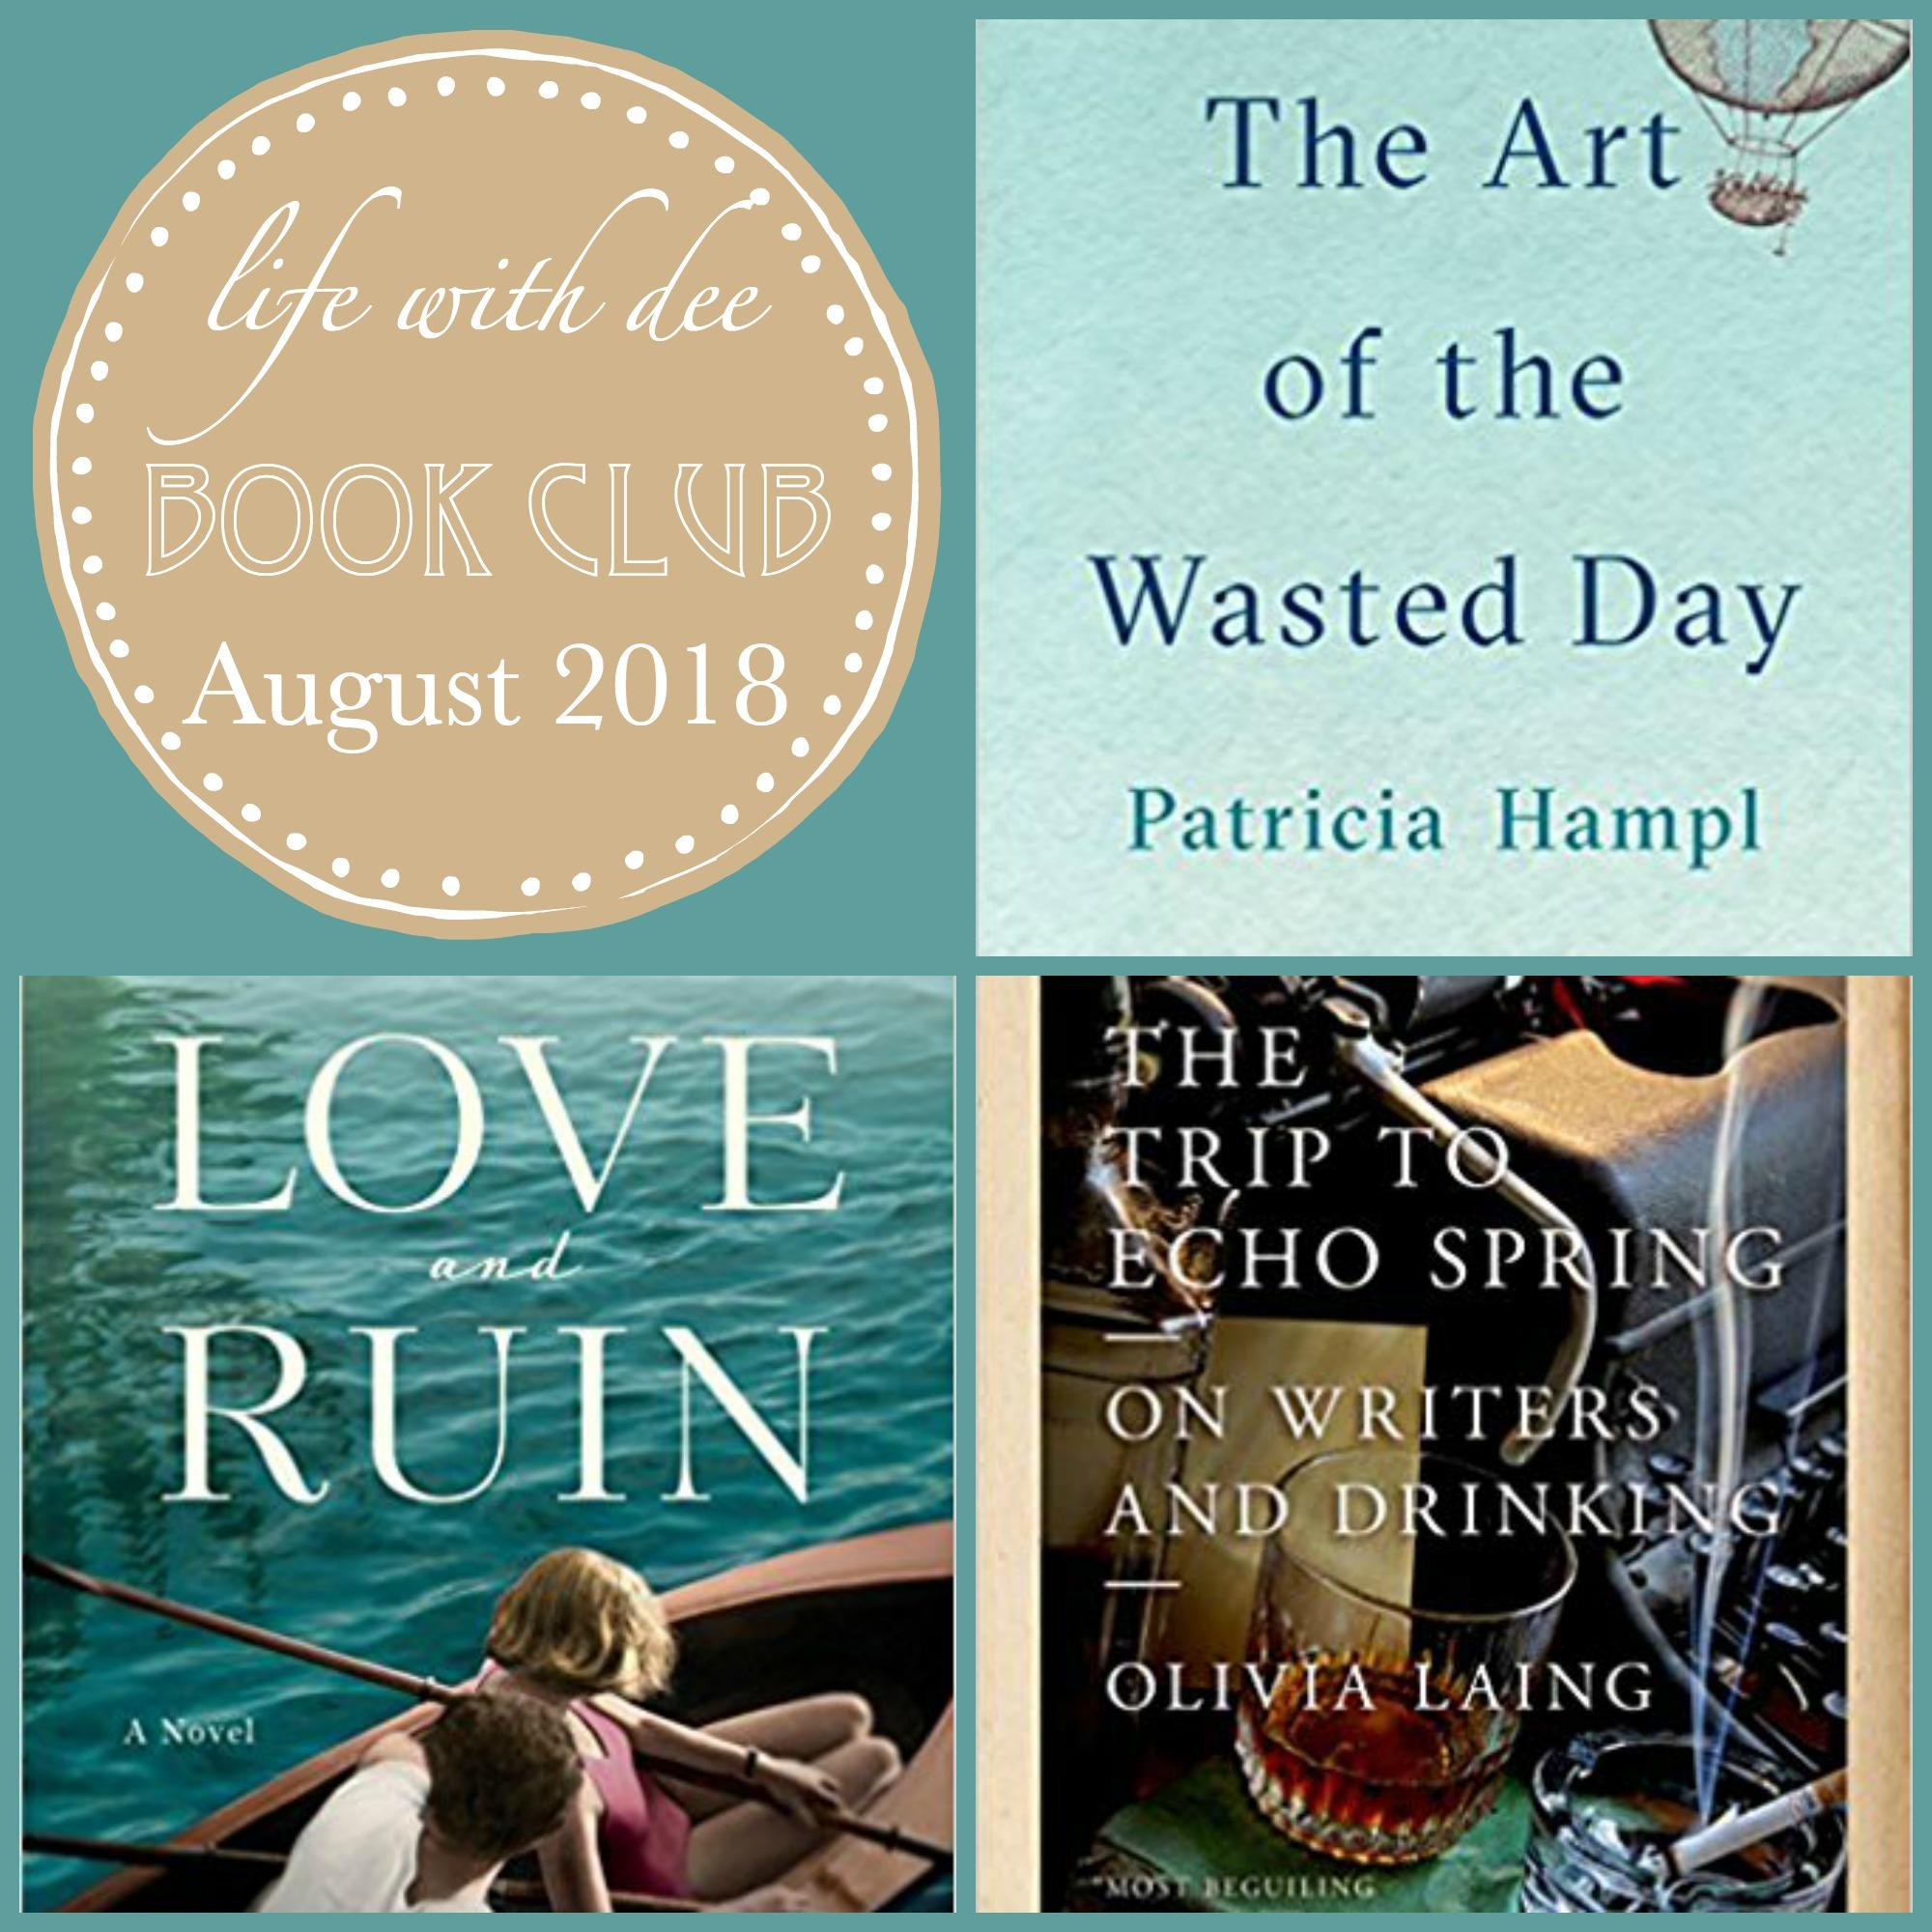 LWD Book Club August 2018